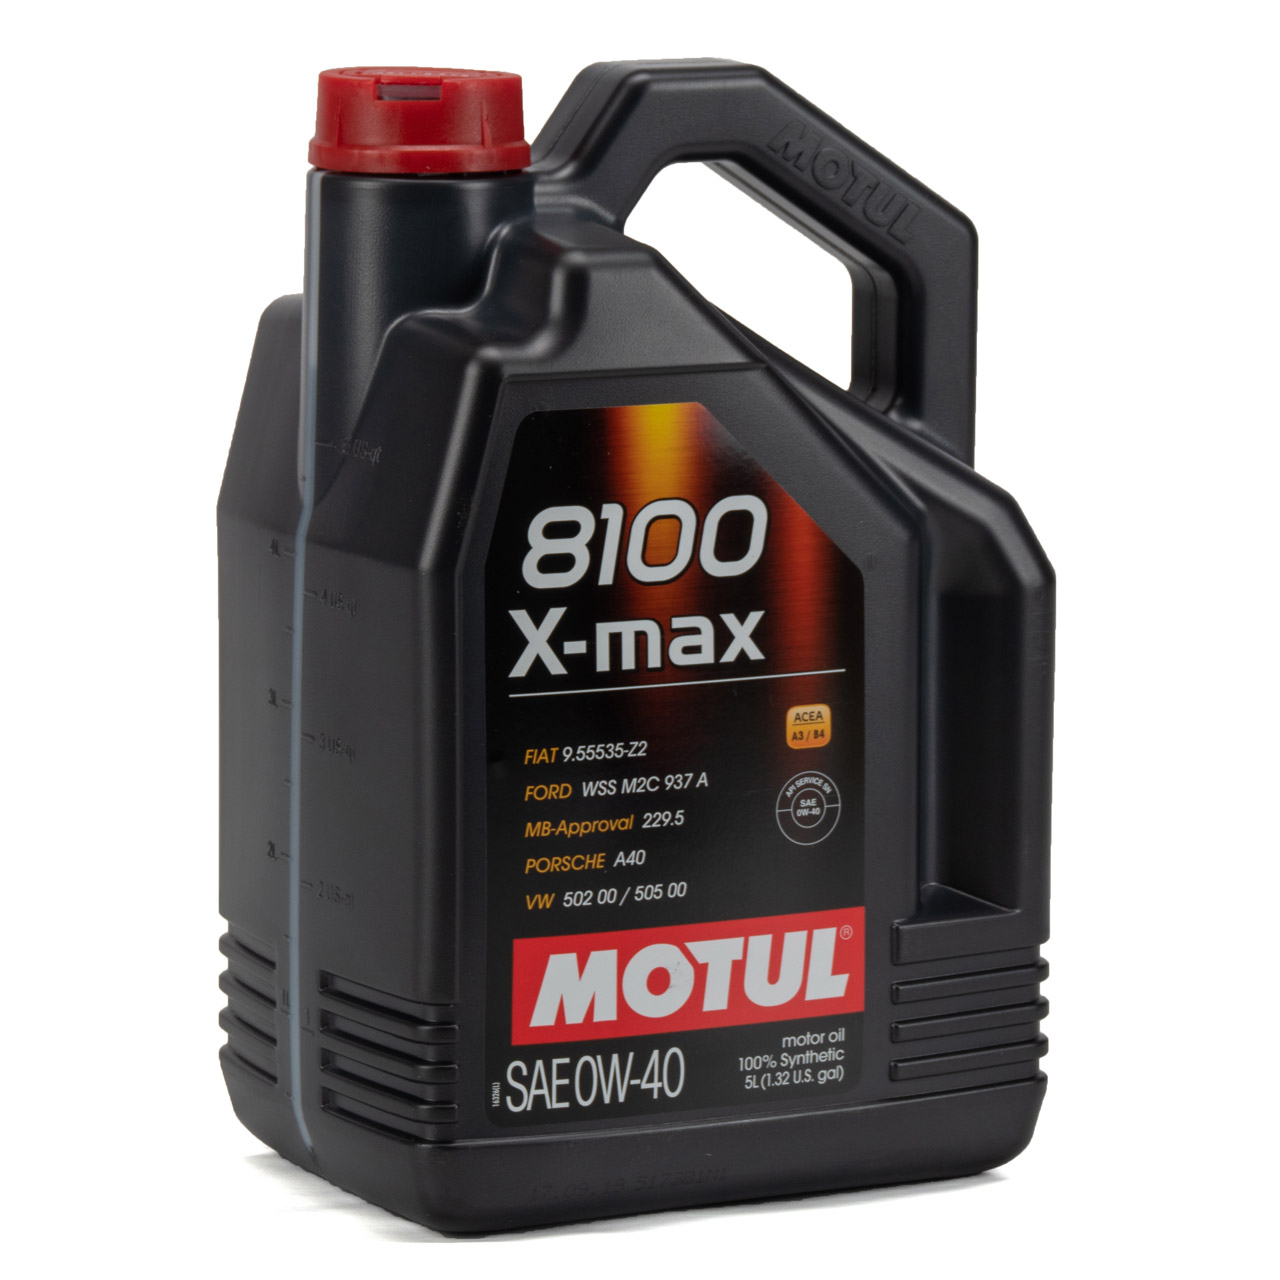 MOTUL 8100 X-max Motoröl Öl 0W40 FORD WSS M2C 937A VW 502.00/505.00 - 5 Liter